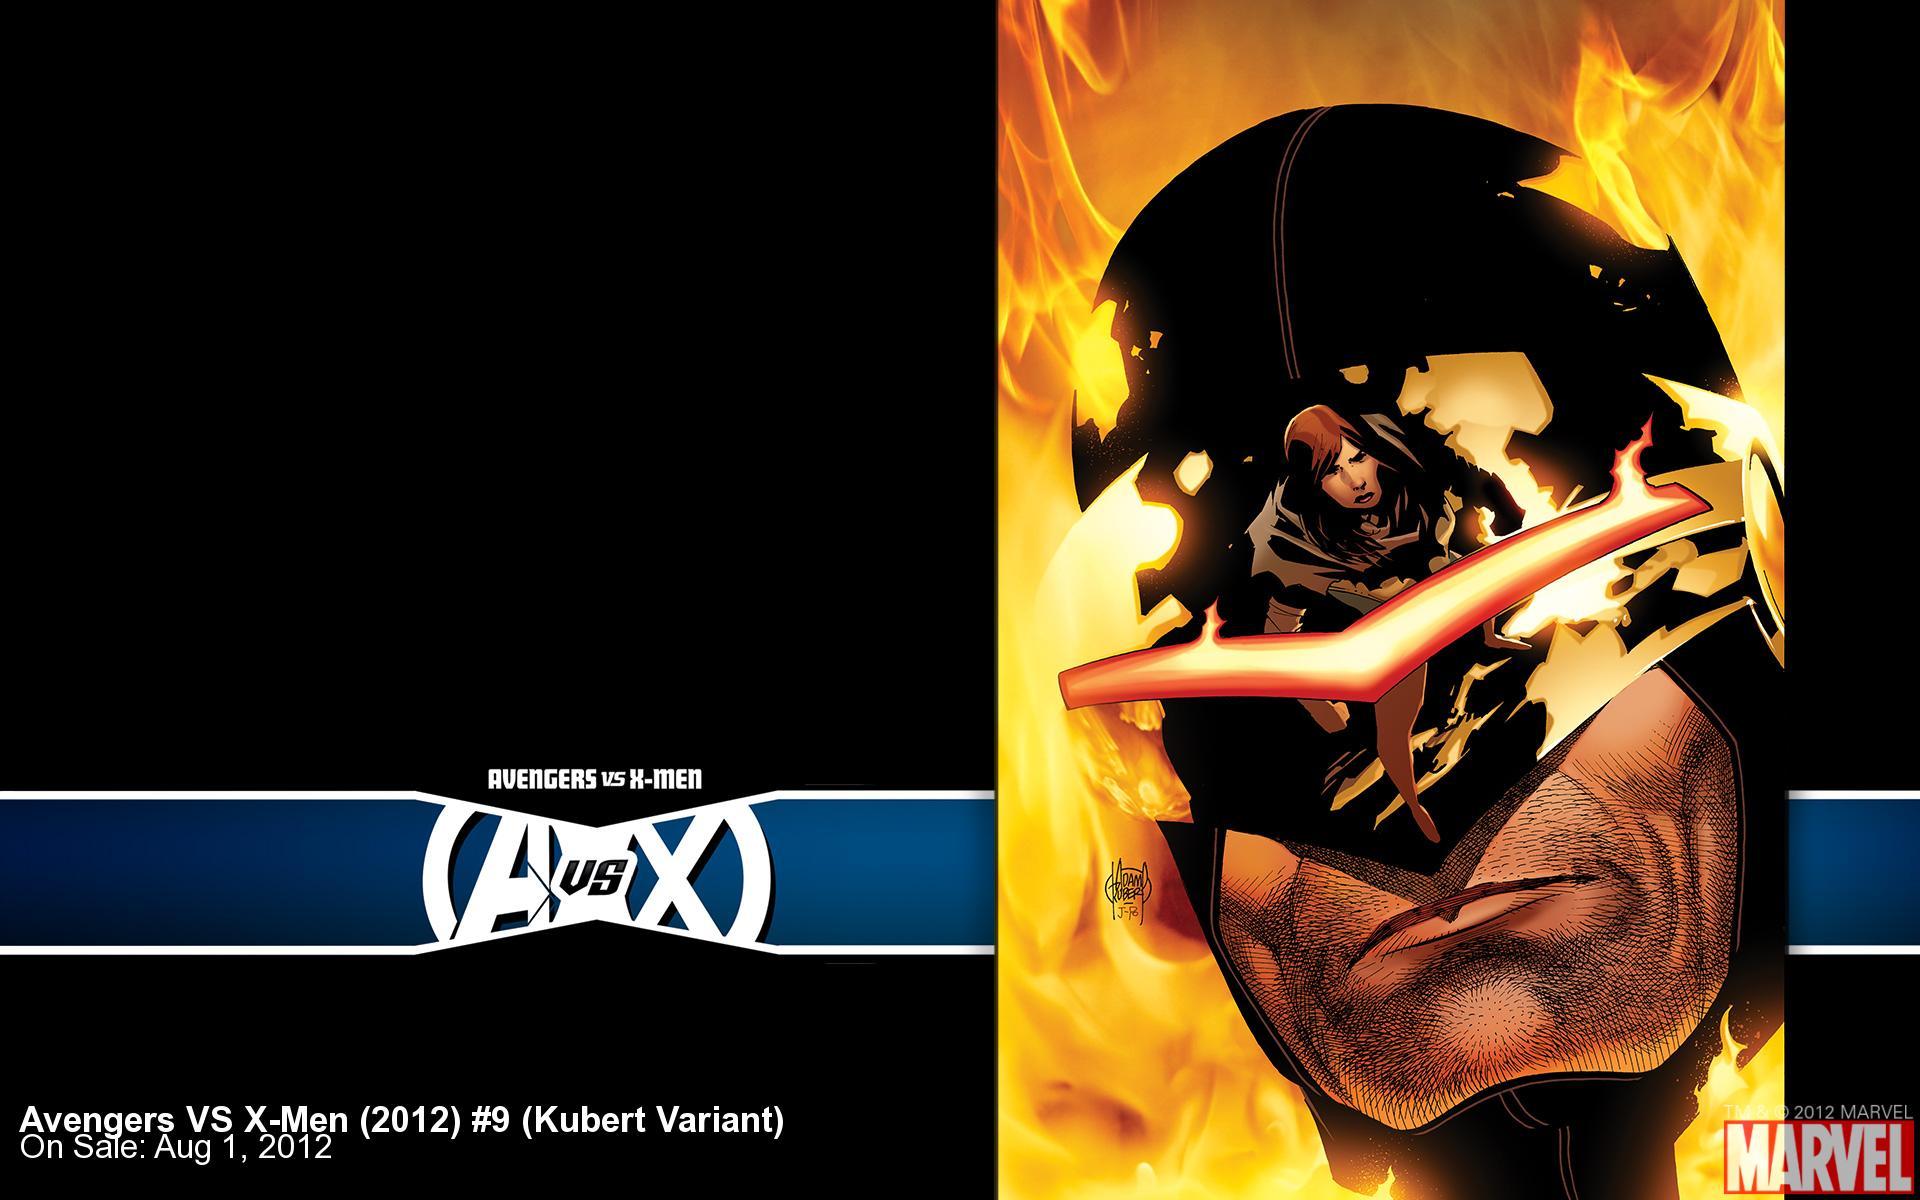 Avengers VS X-Men (2012) #9 (Kubert Variant)